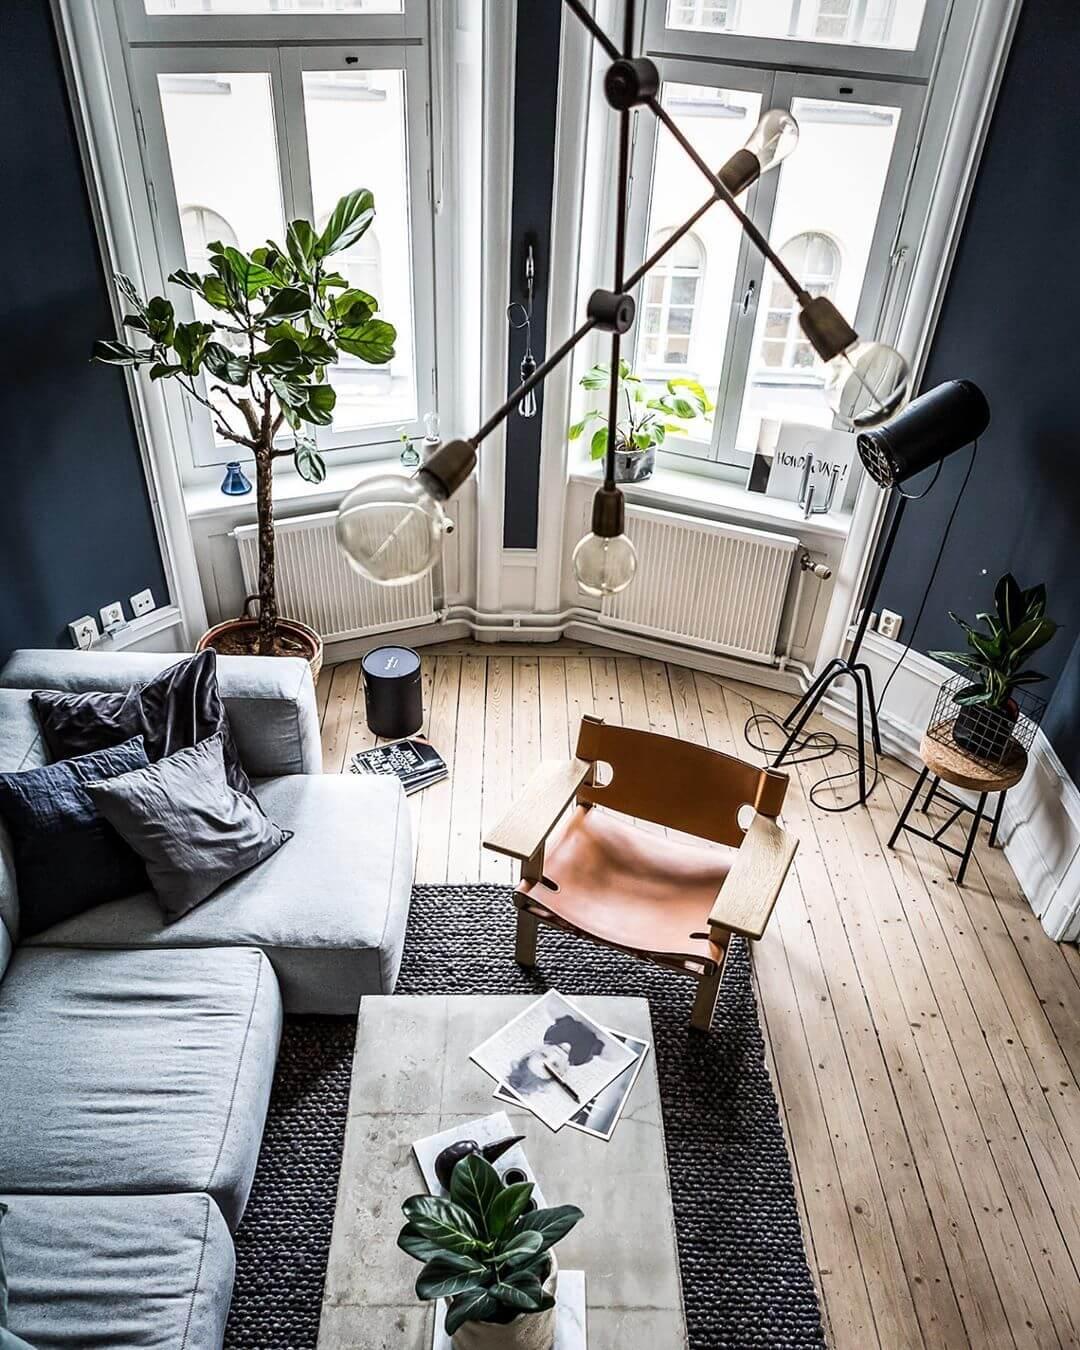 壁面の色はブルーです。クッションの色もブルーにして合わせています。ソファーはカウチタイプでライトグレーを使用しています。リビングテーブルは大理石を使っています。